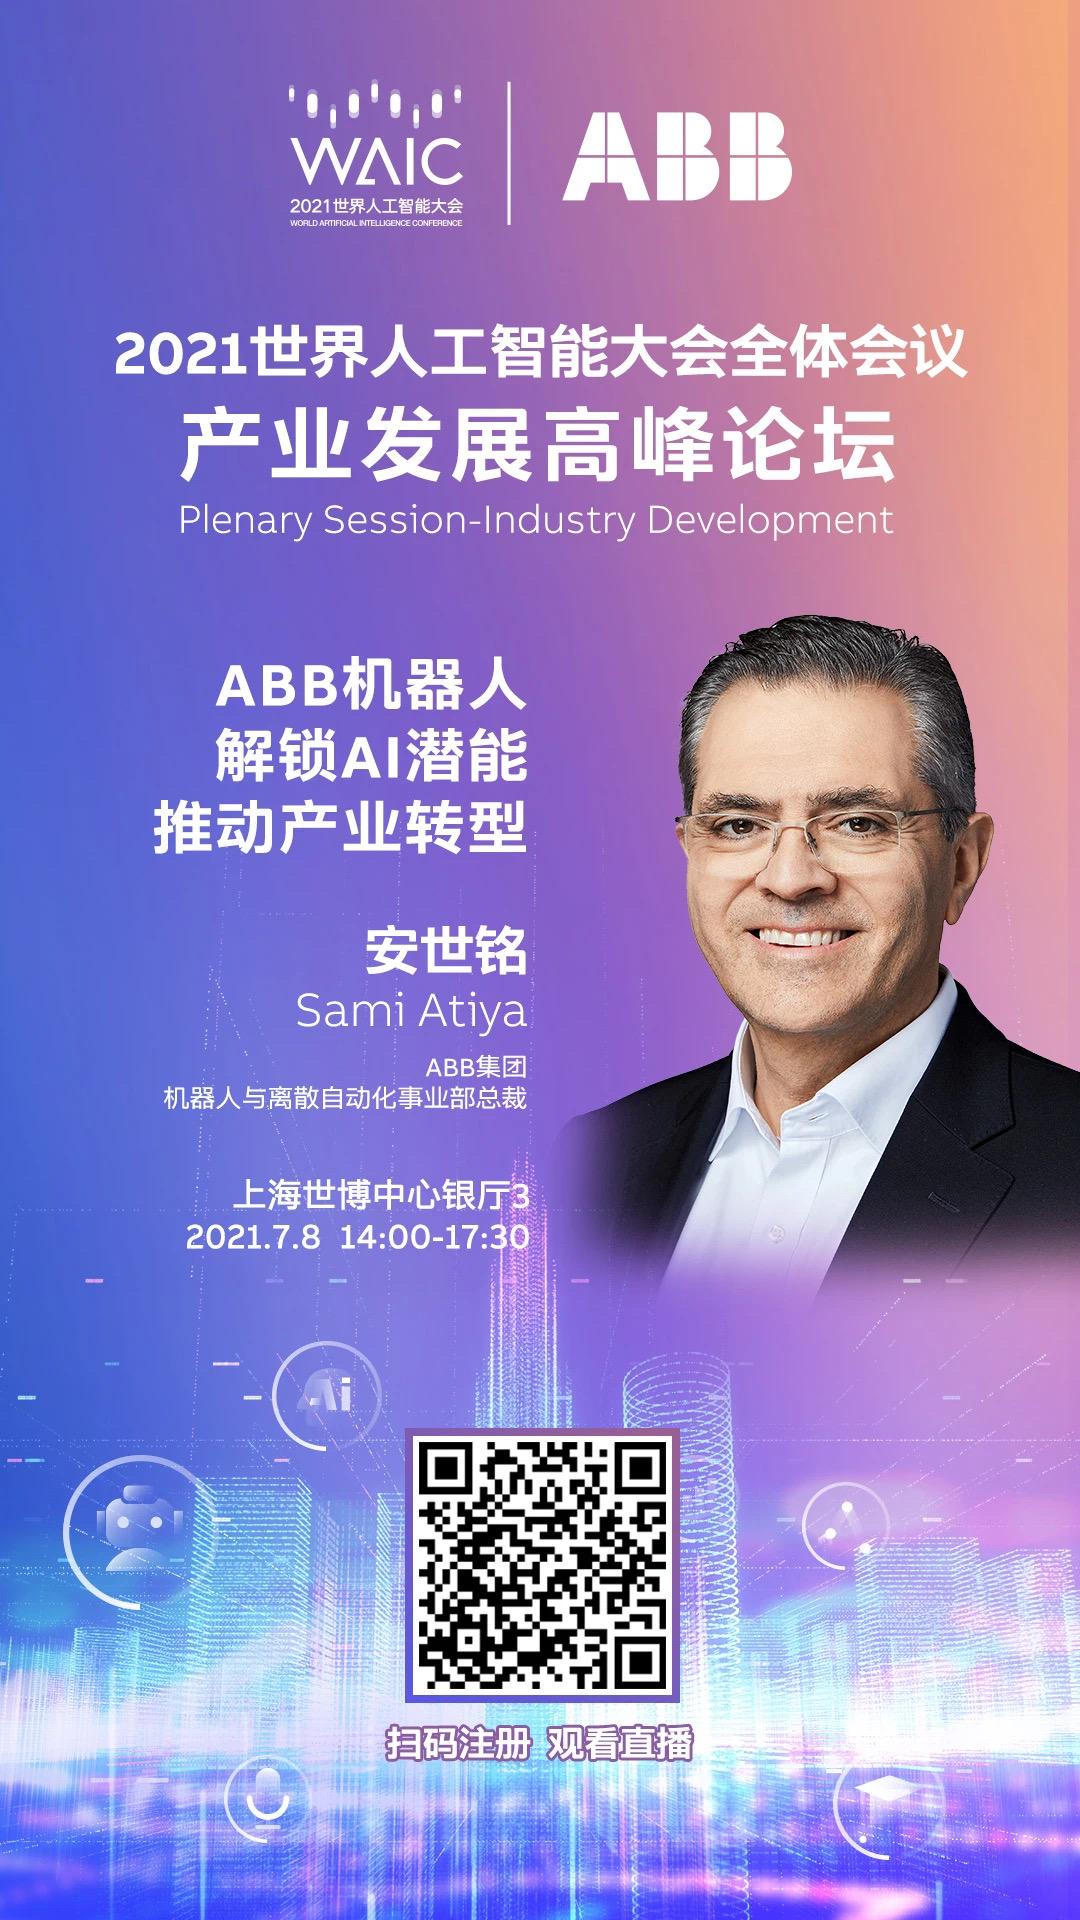 """ABB机器人与离散自动化全球总裁安世铭博士将在""""WAIC全体会议-产业发展高峰论坛""""上发表主旨演讲"""